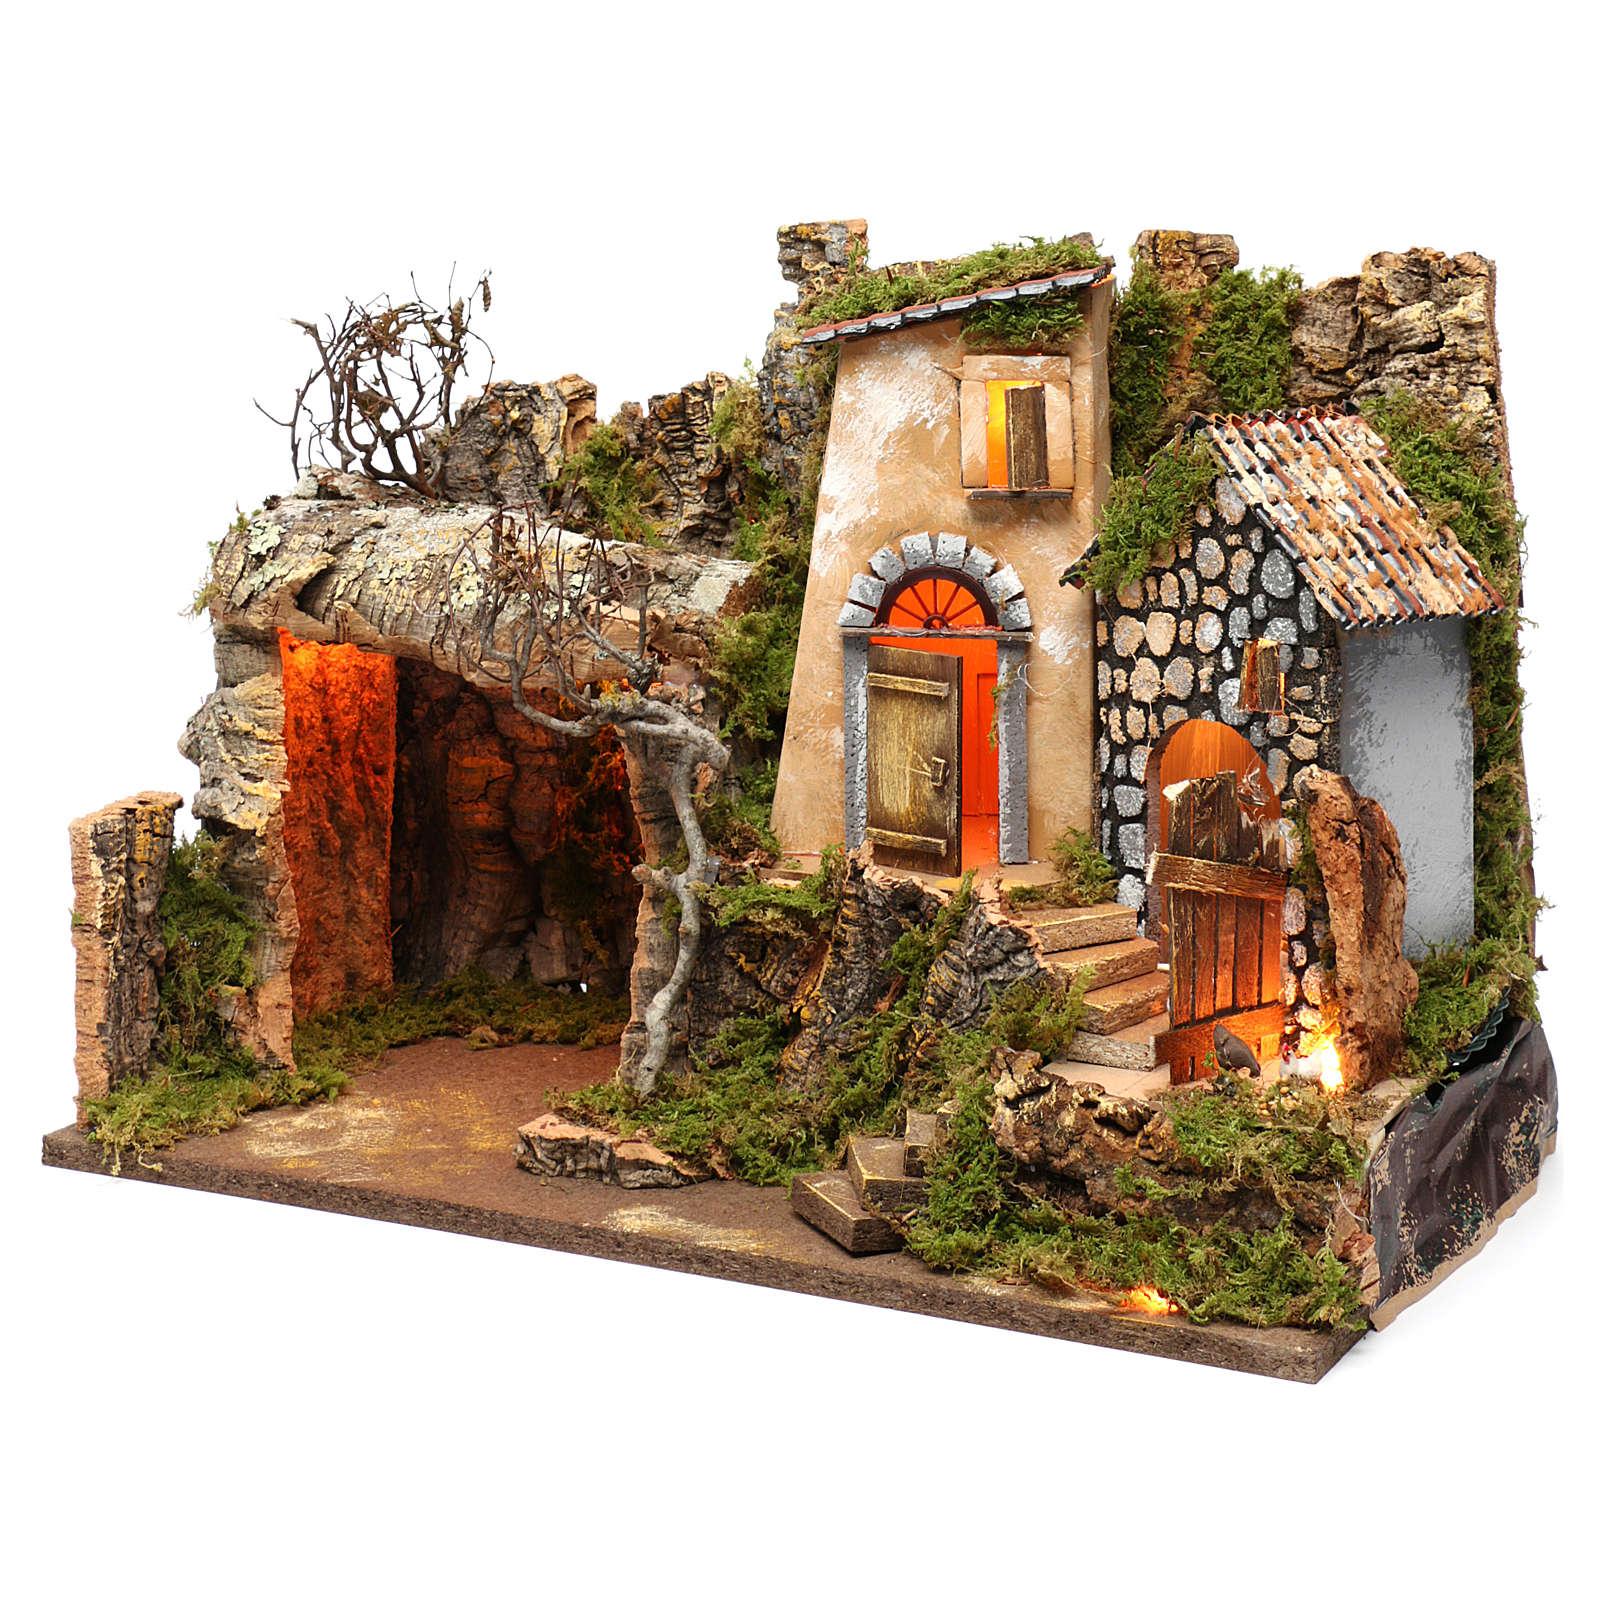 Ambientazione con grotta e luci, dimensioni 40X50X30 cm  4